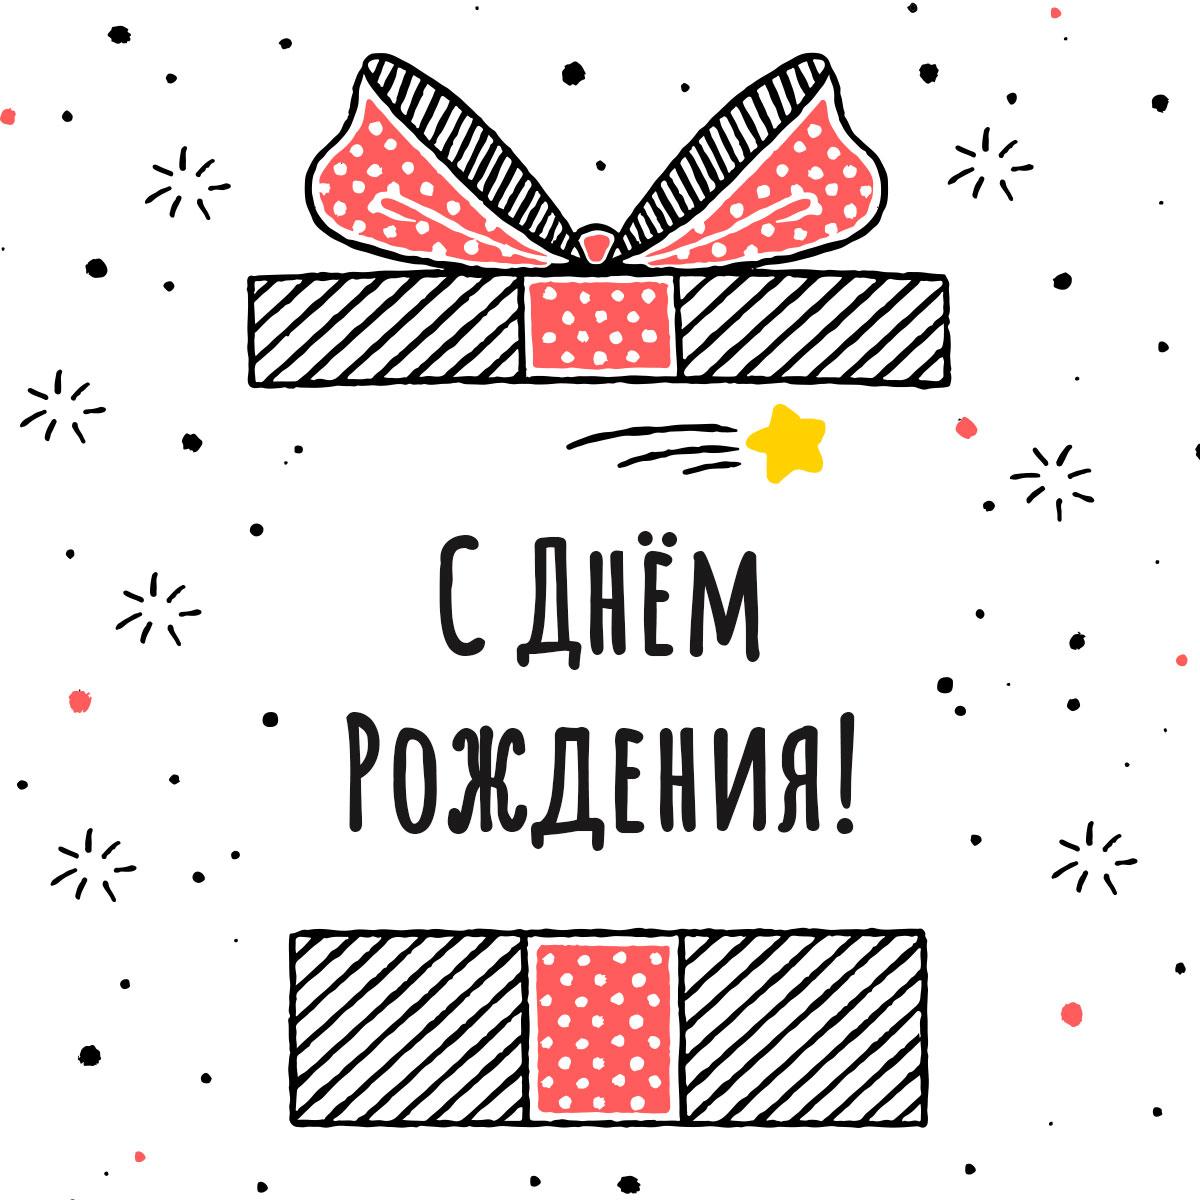 Картинка с надписью с днём рождения и черно - белыми параллельными прямоугольниками.